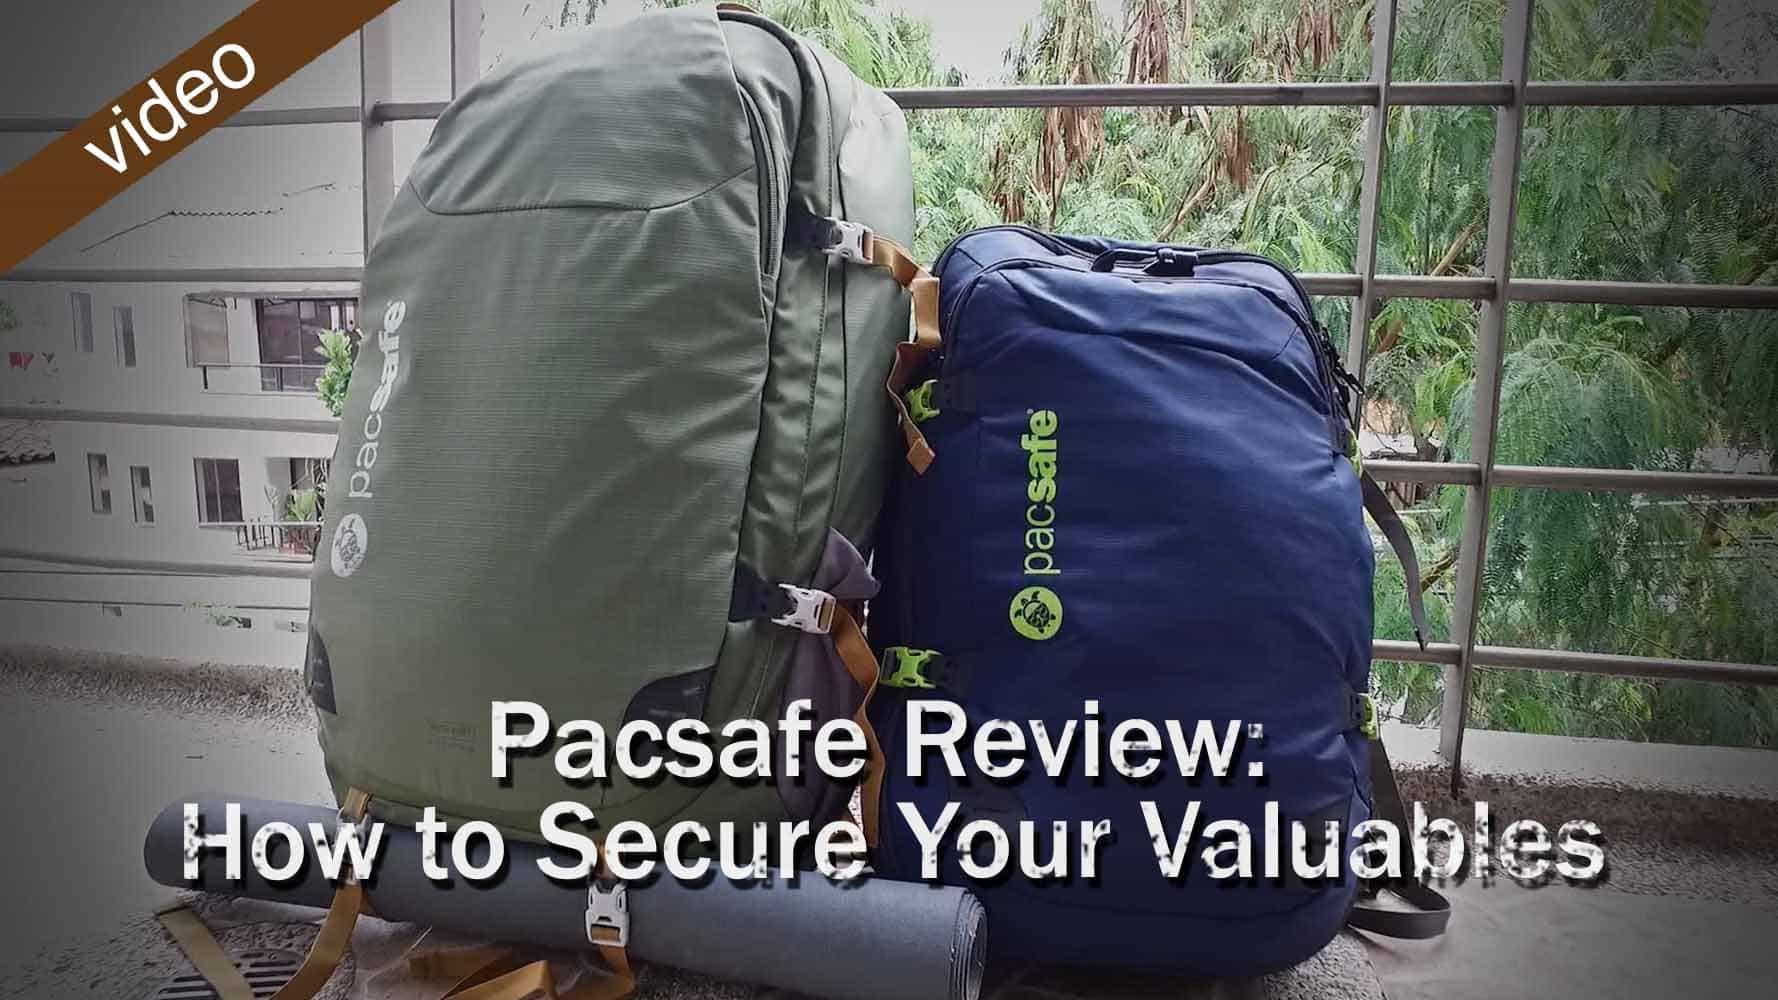 PacSafe Video